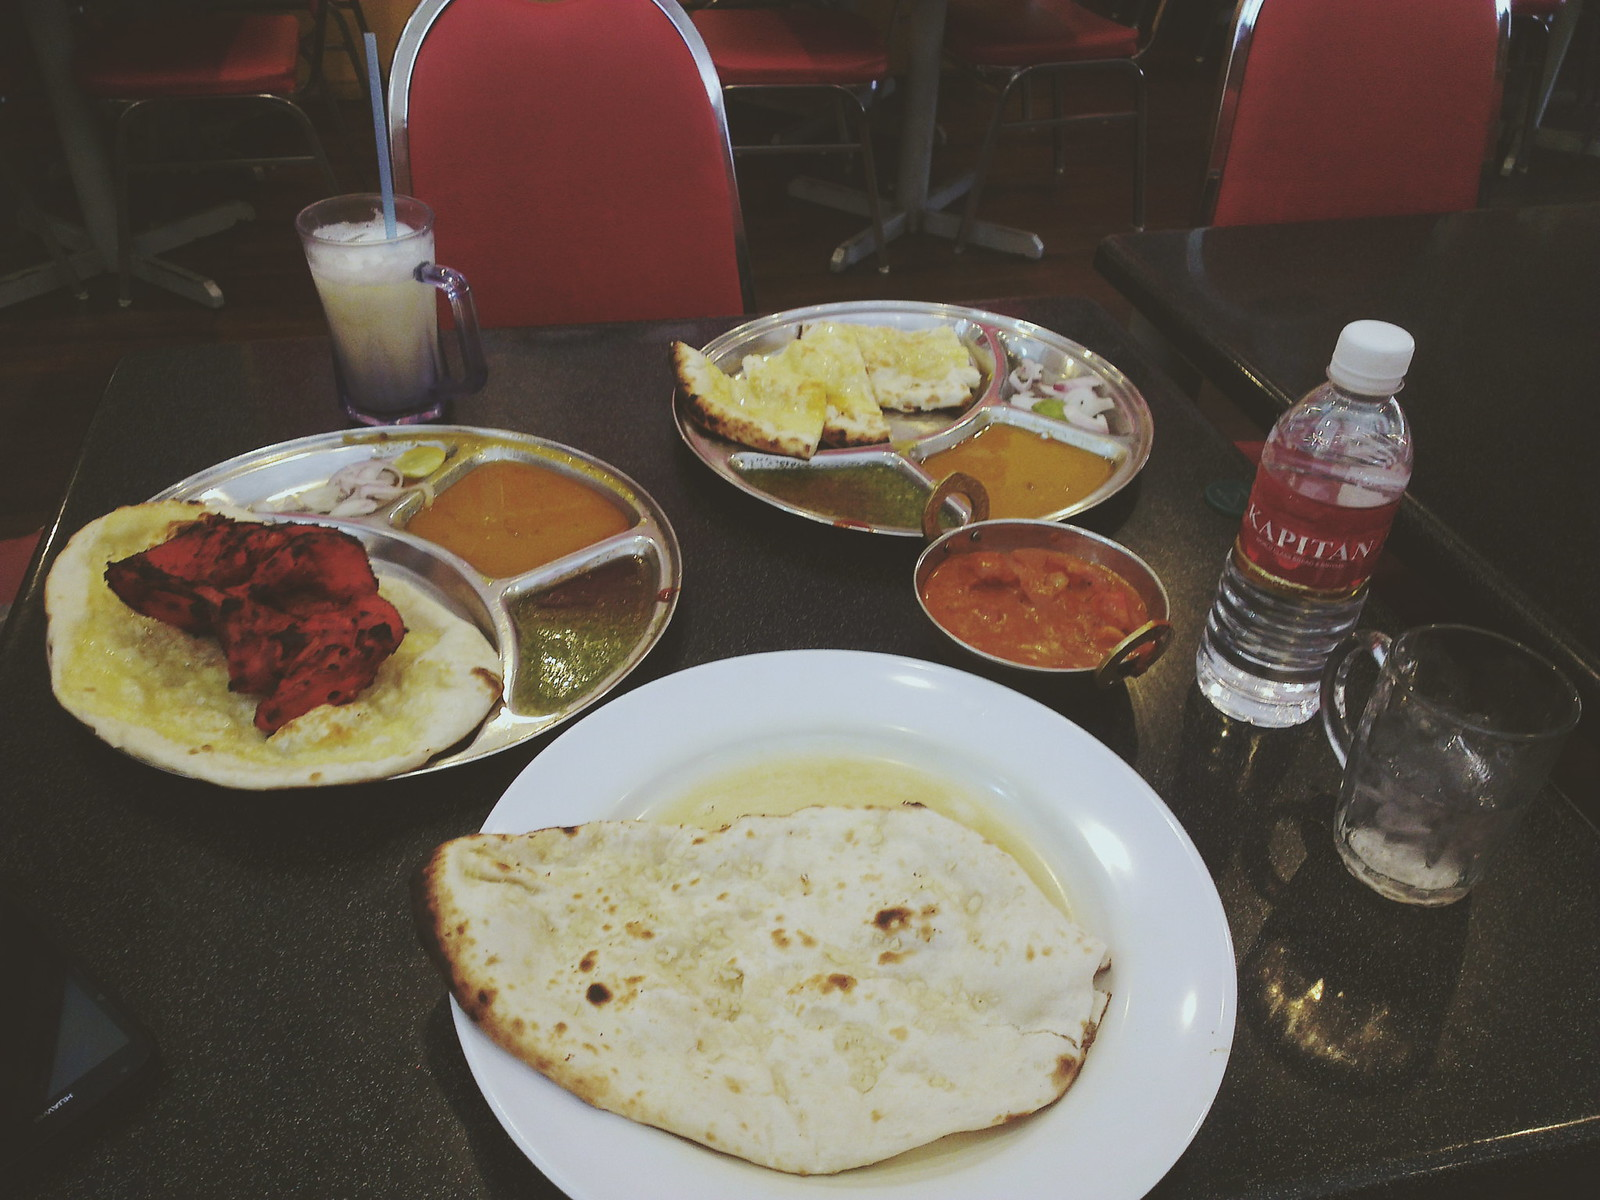 Kapitan - Indian restaurant in Penang